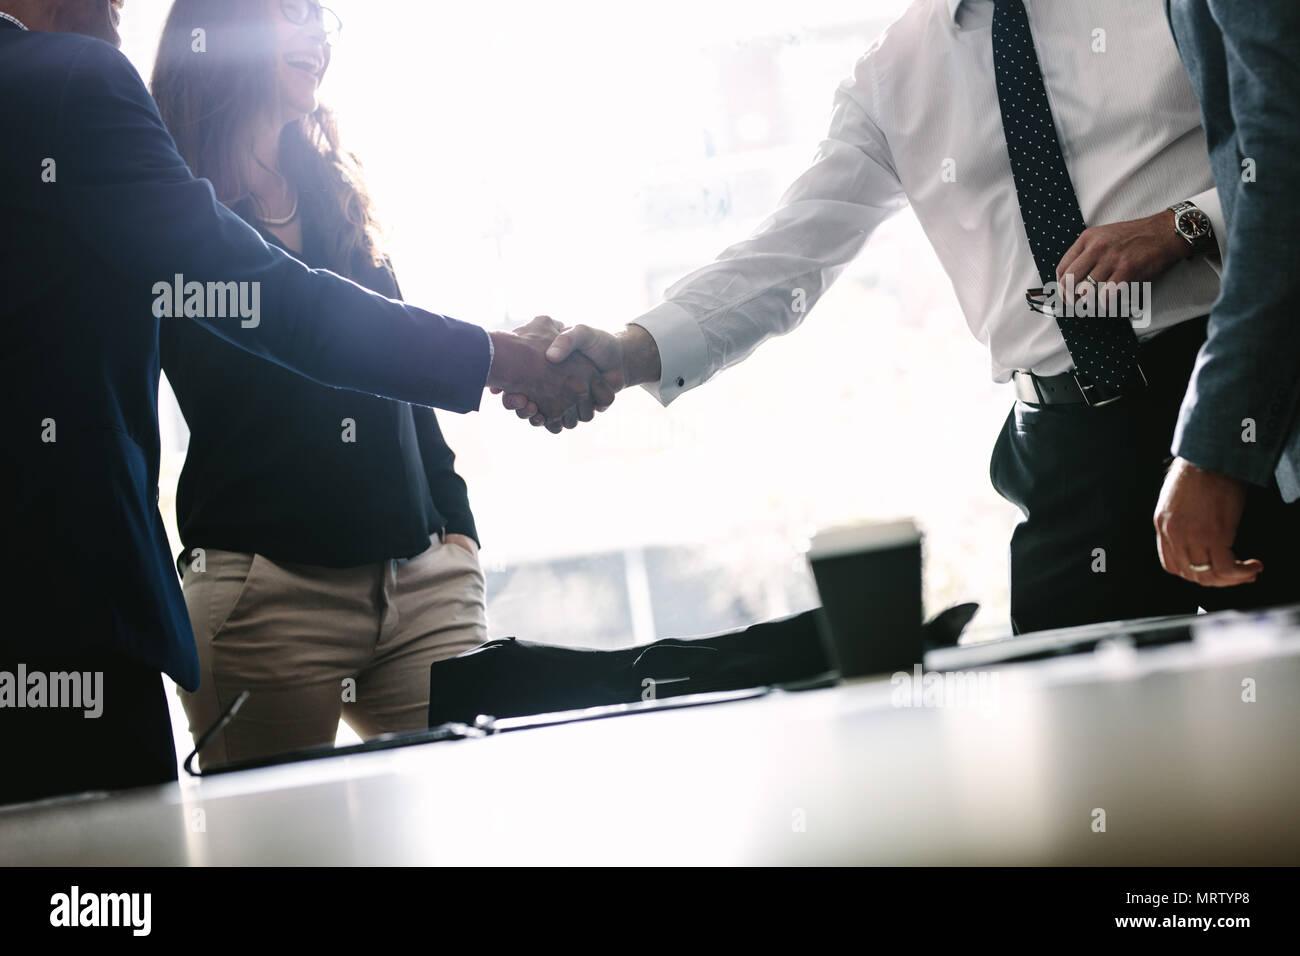 Partner Abschluss und Händeschütteln in Anwesenheit von Mitgliedern des Teams. Unternehmer die Hände schütteln im Board Room und Beenden einer Sitzung. Stockbild